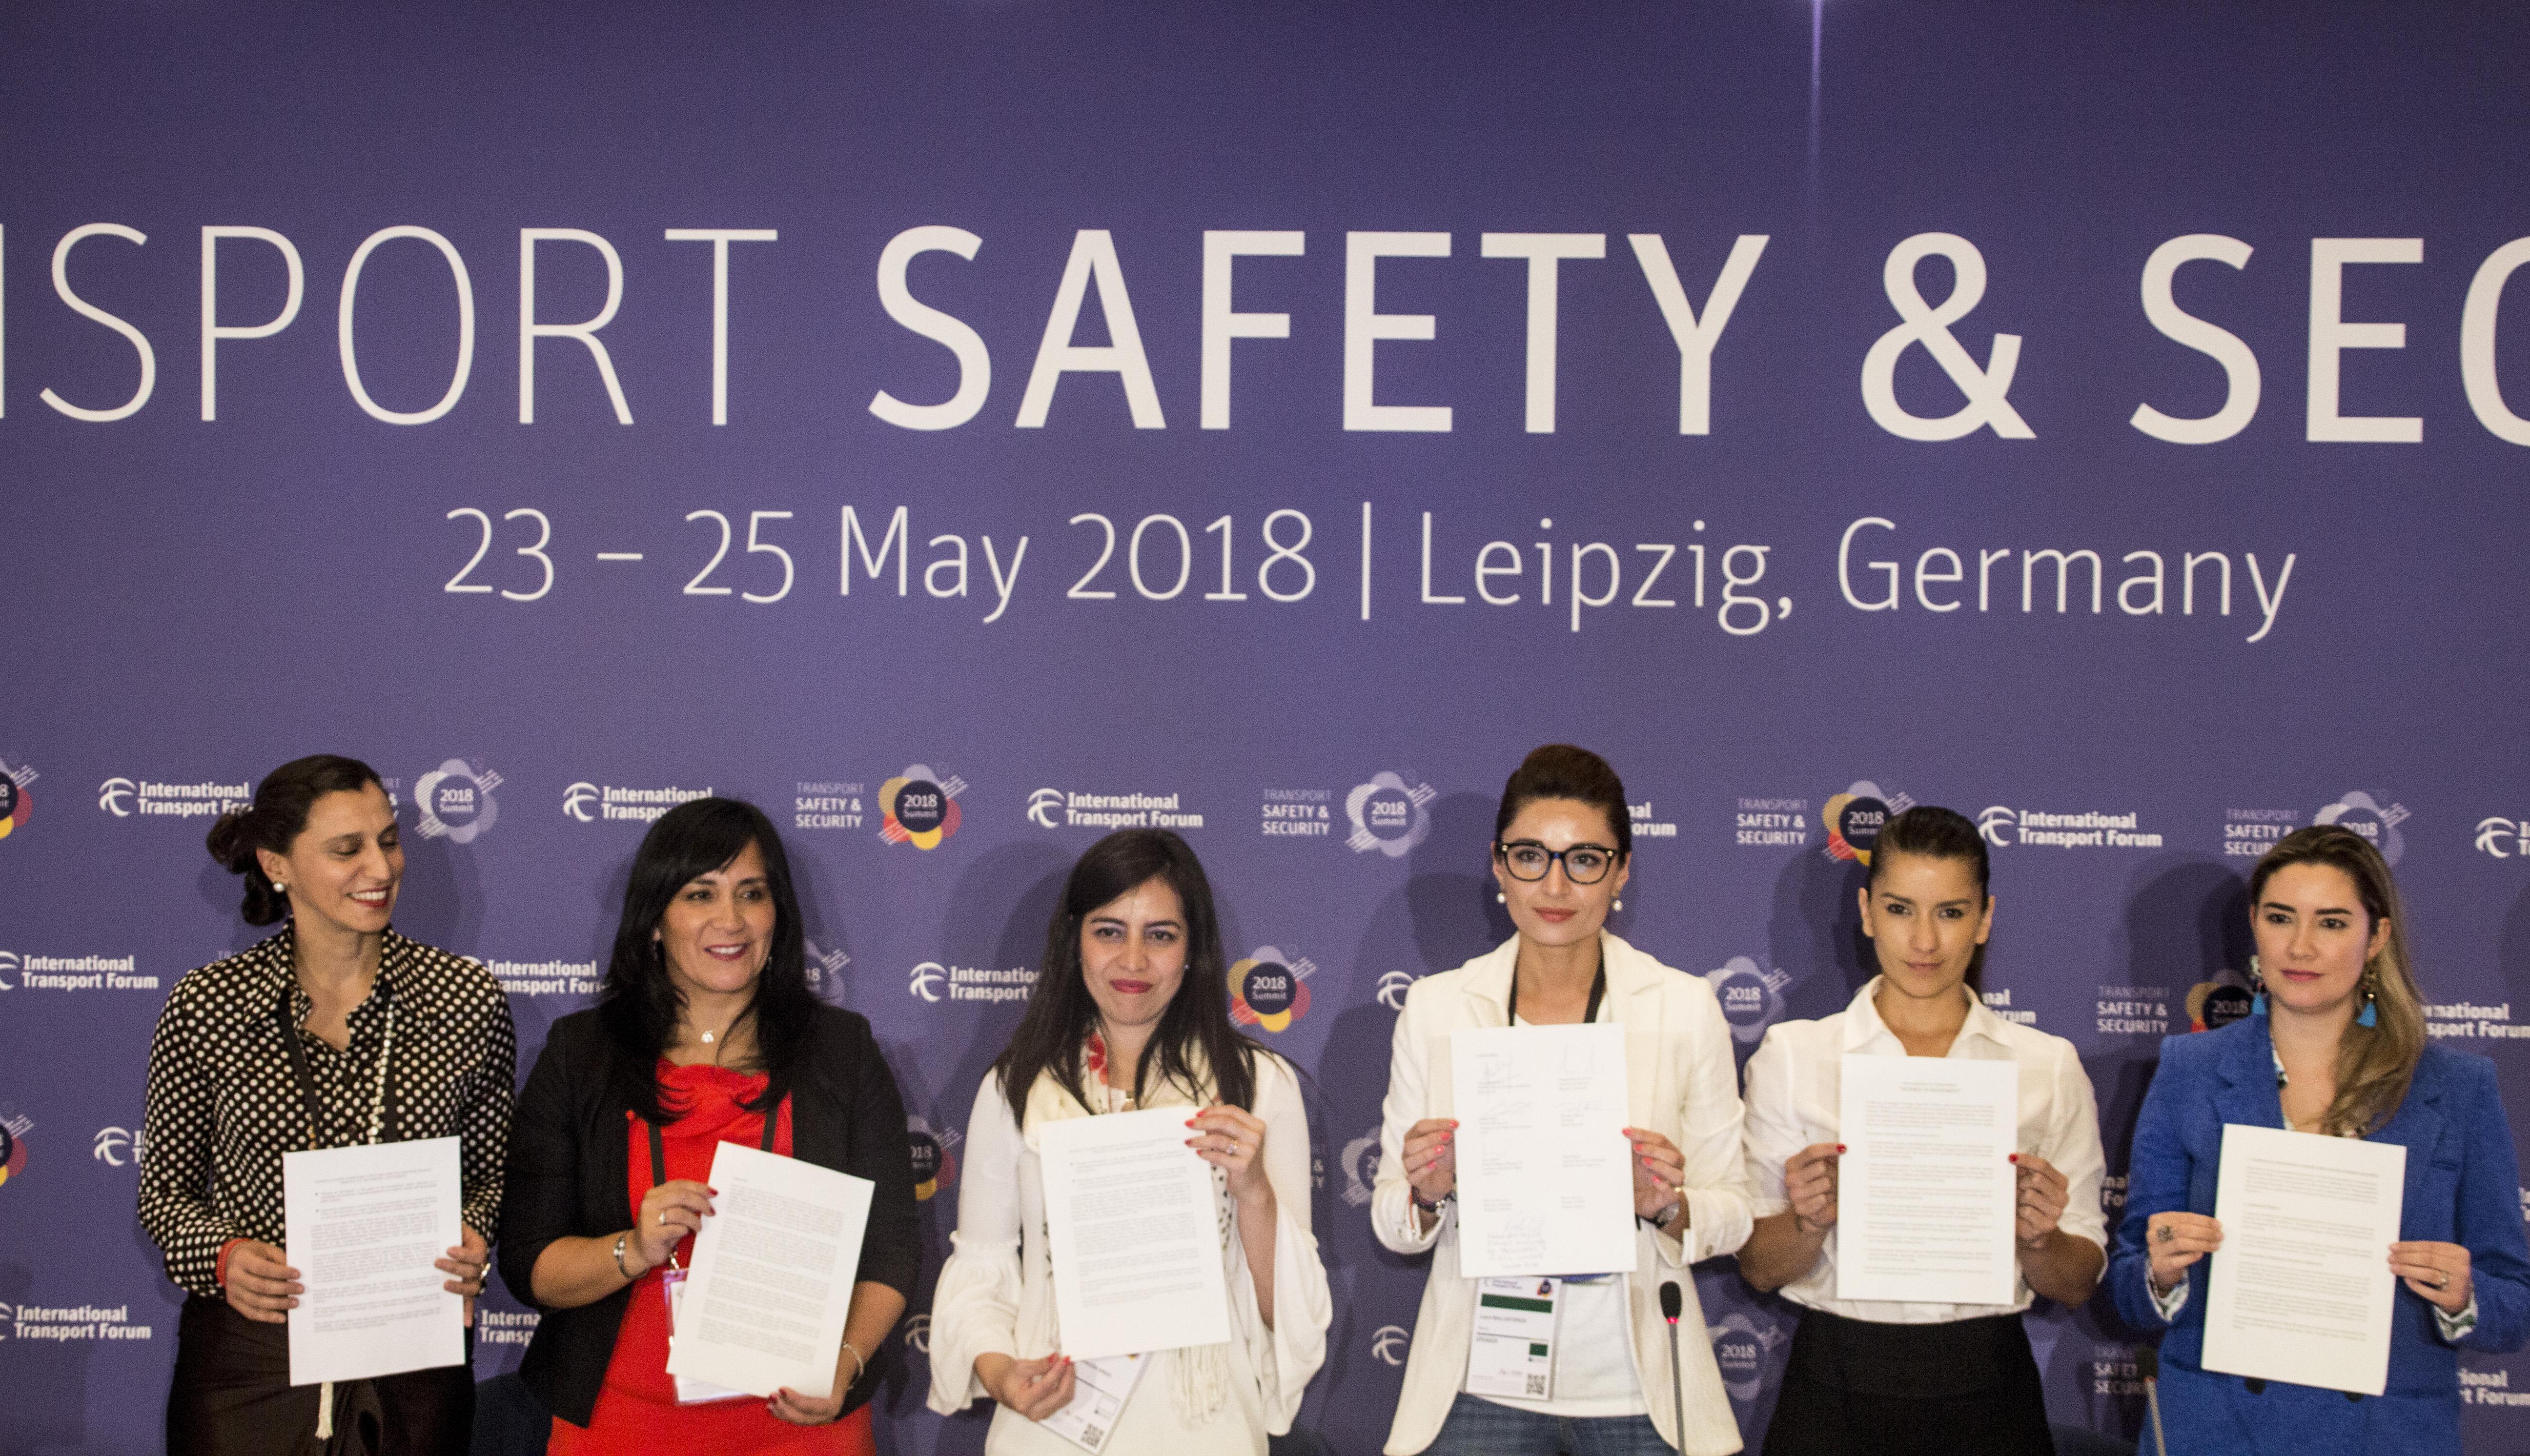 Mujeres en Movimiento en la Sexta Conferencia Internacional sobre Mujeres en Transporte